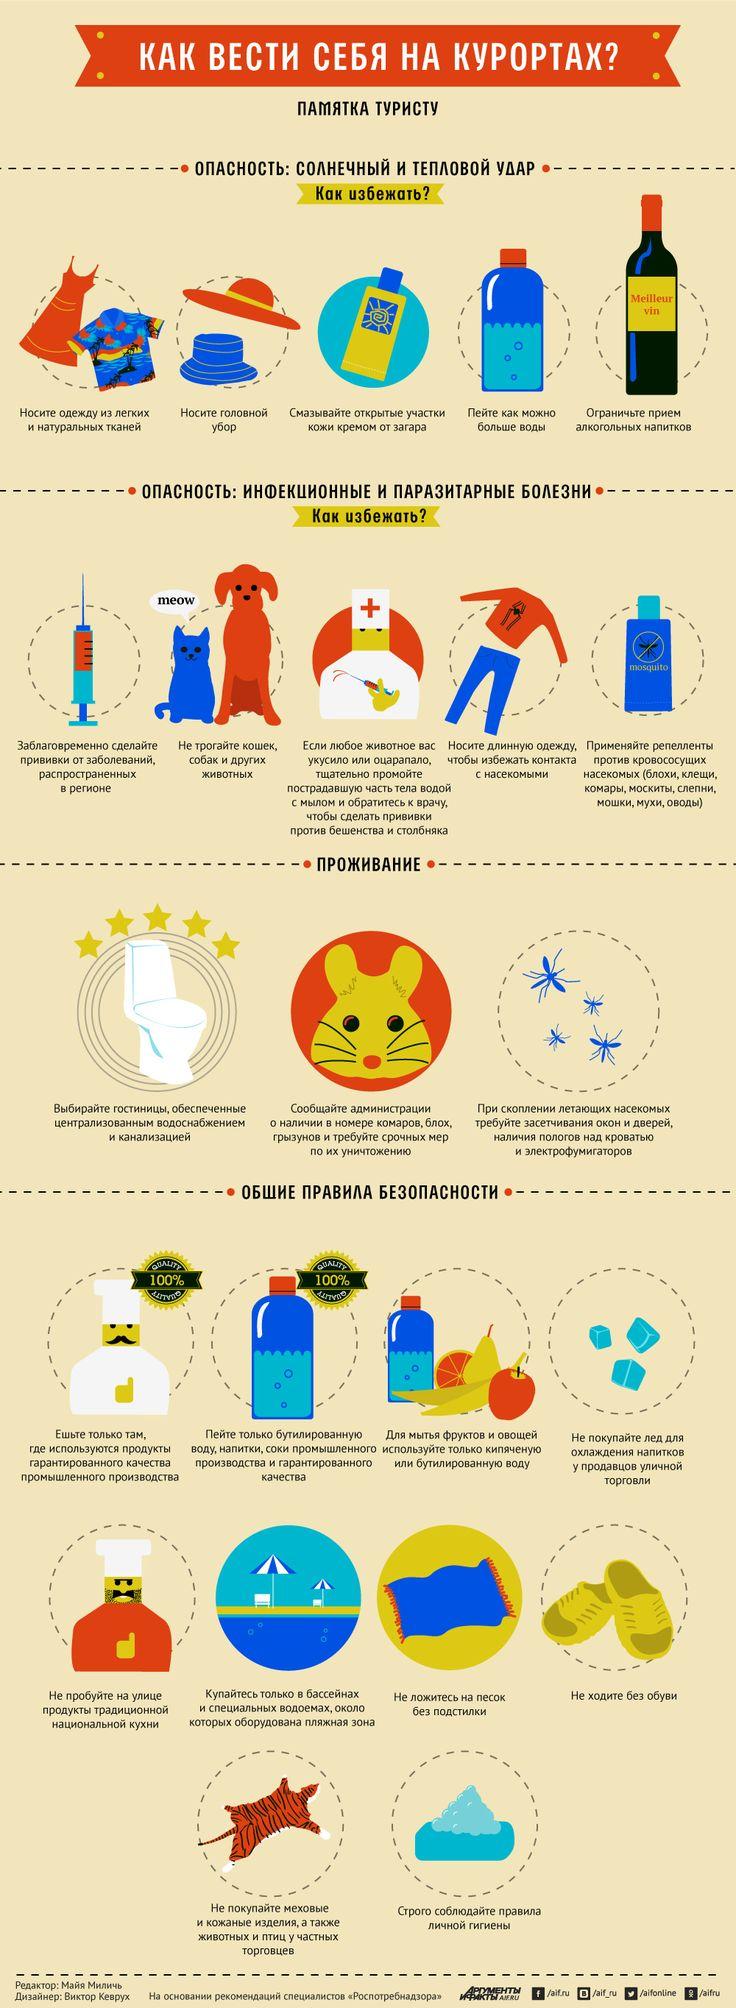 Правила пребывания за границей. Памятки туристу | Здоровая жизнь | Здоровье | Аргументы и Факты